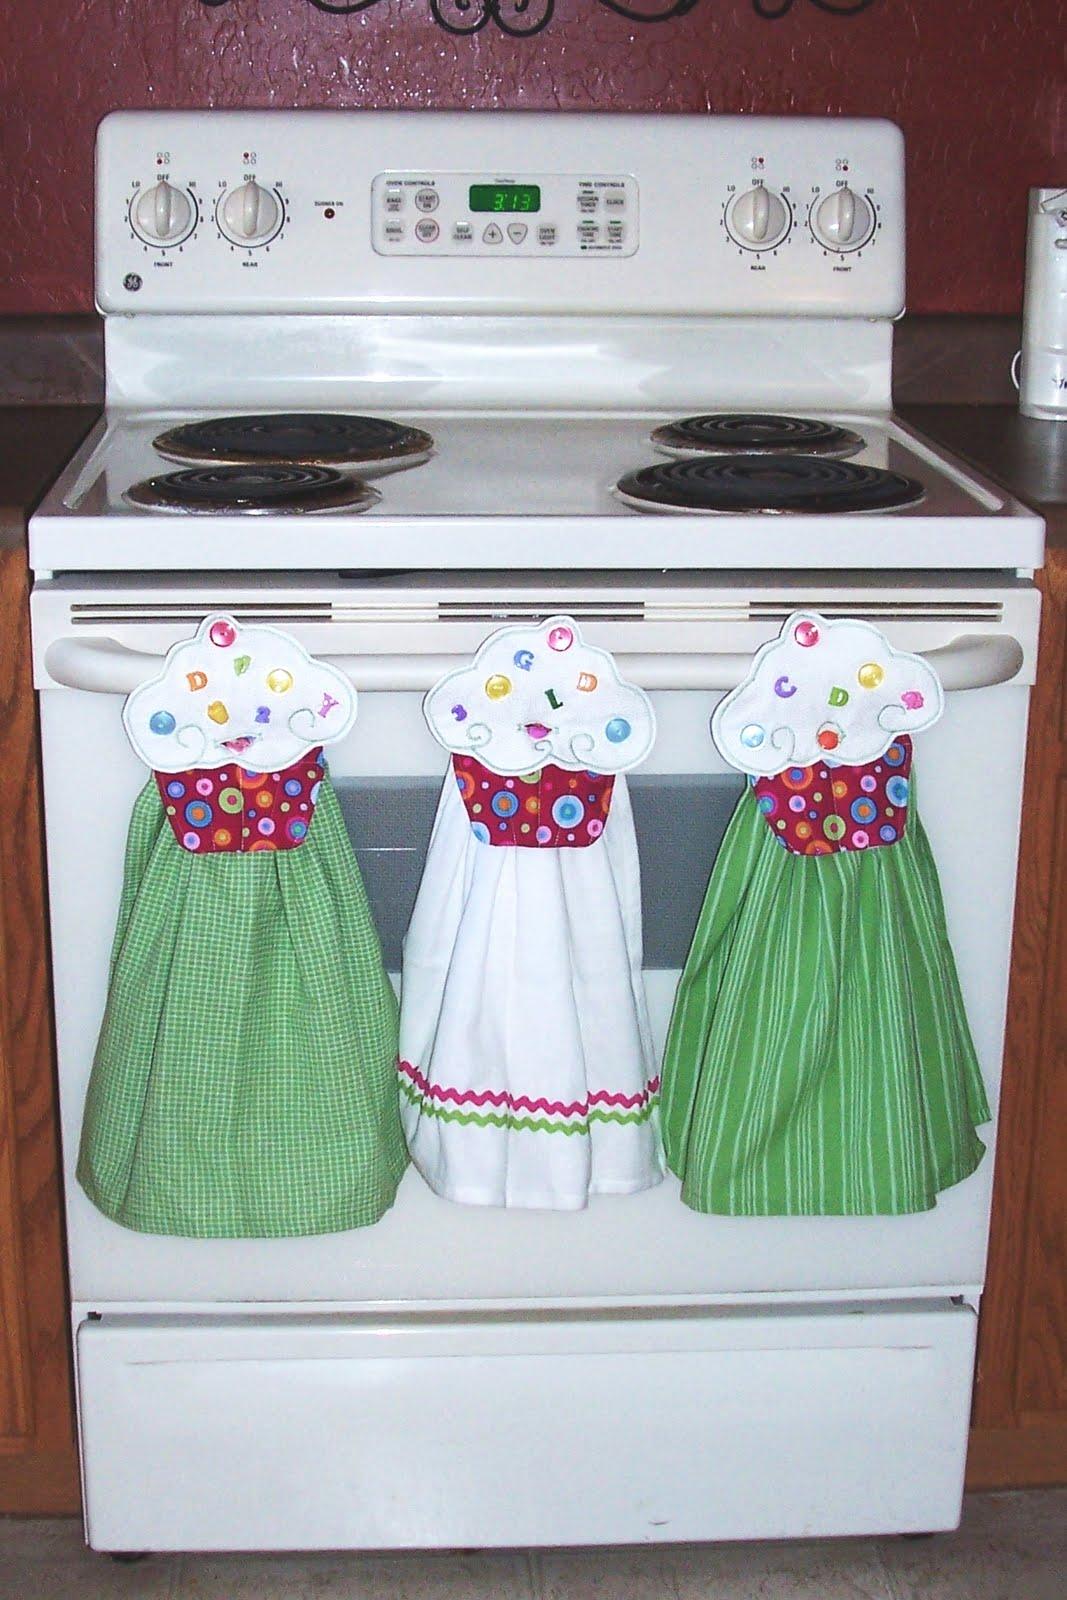 صور اشغال يدوية بالصور للمطبخ , بالصور اشغال يدوية بسيطة للمطبخ